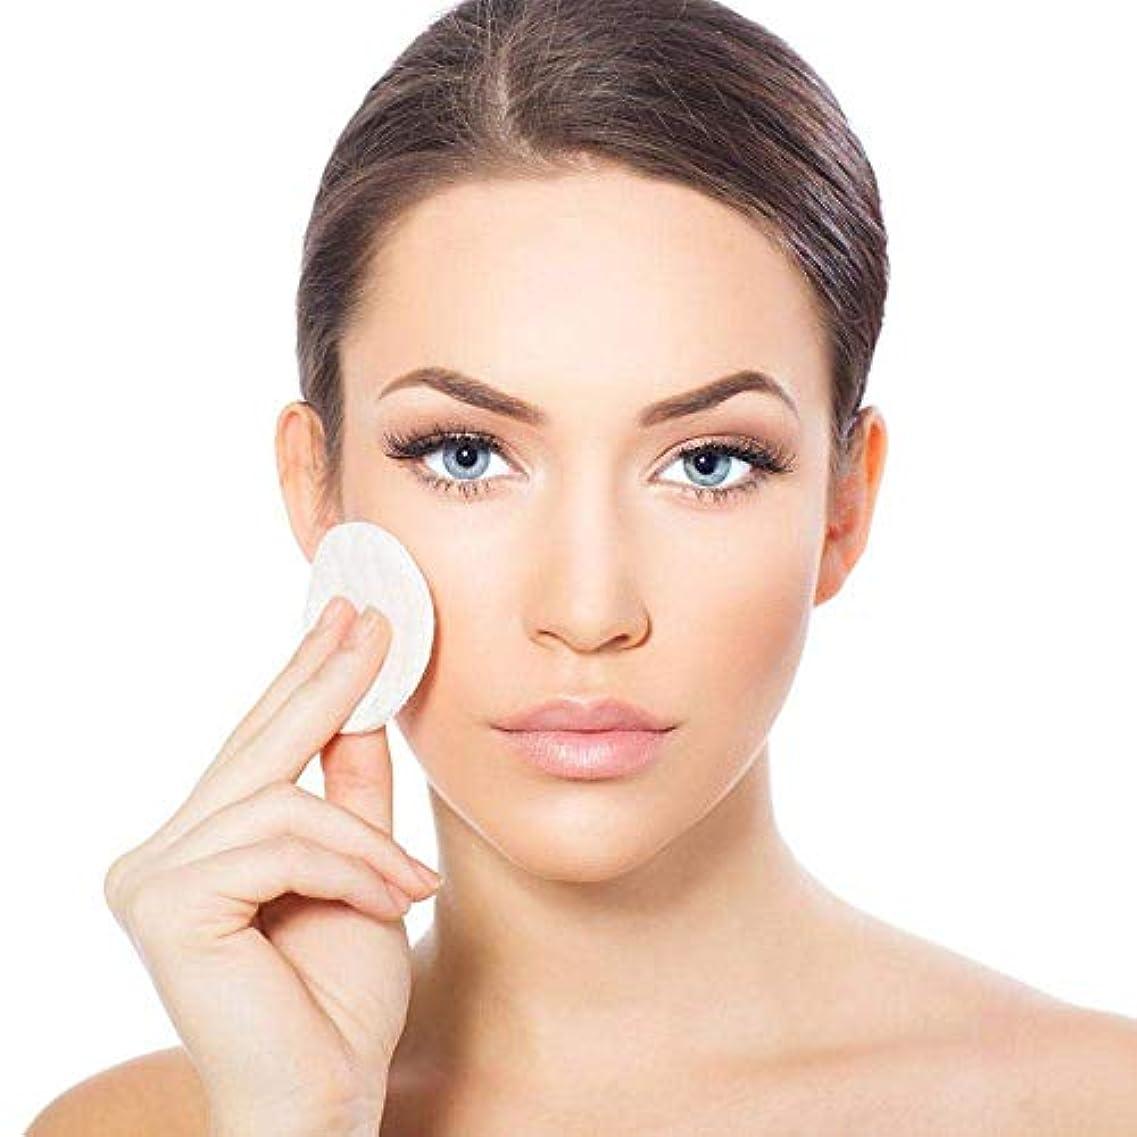 ユニセックス 洗面再利用可能 3層化粧品除去パッド顔清潔ワイプ 化粧落としコットン 肌に優しい 8セット